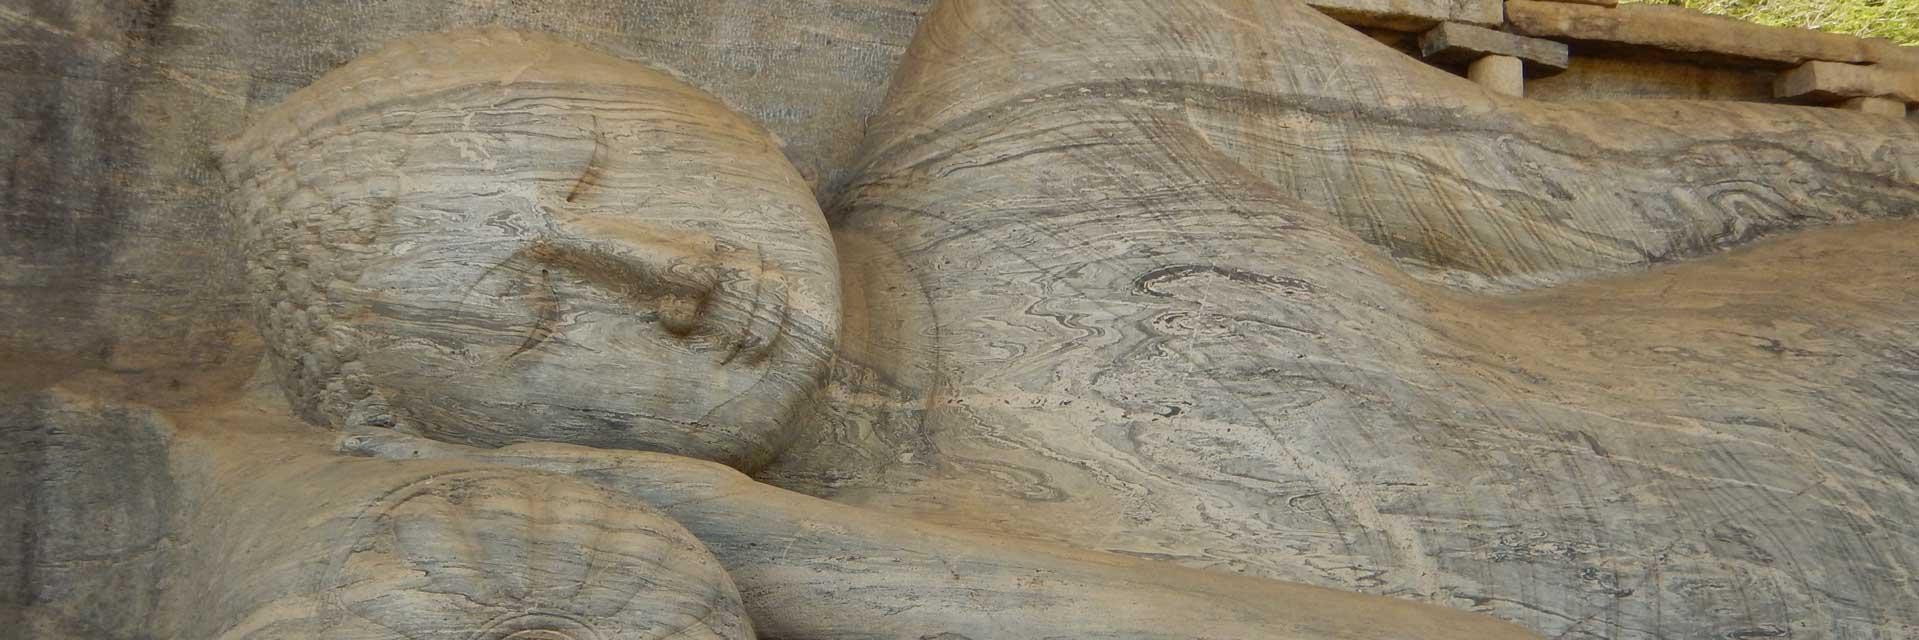 Sri Lanka Polonnaruwa Buddha Gal Vihara